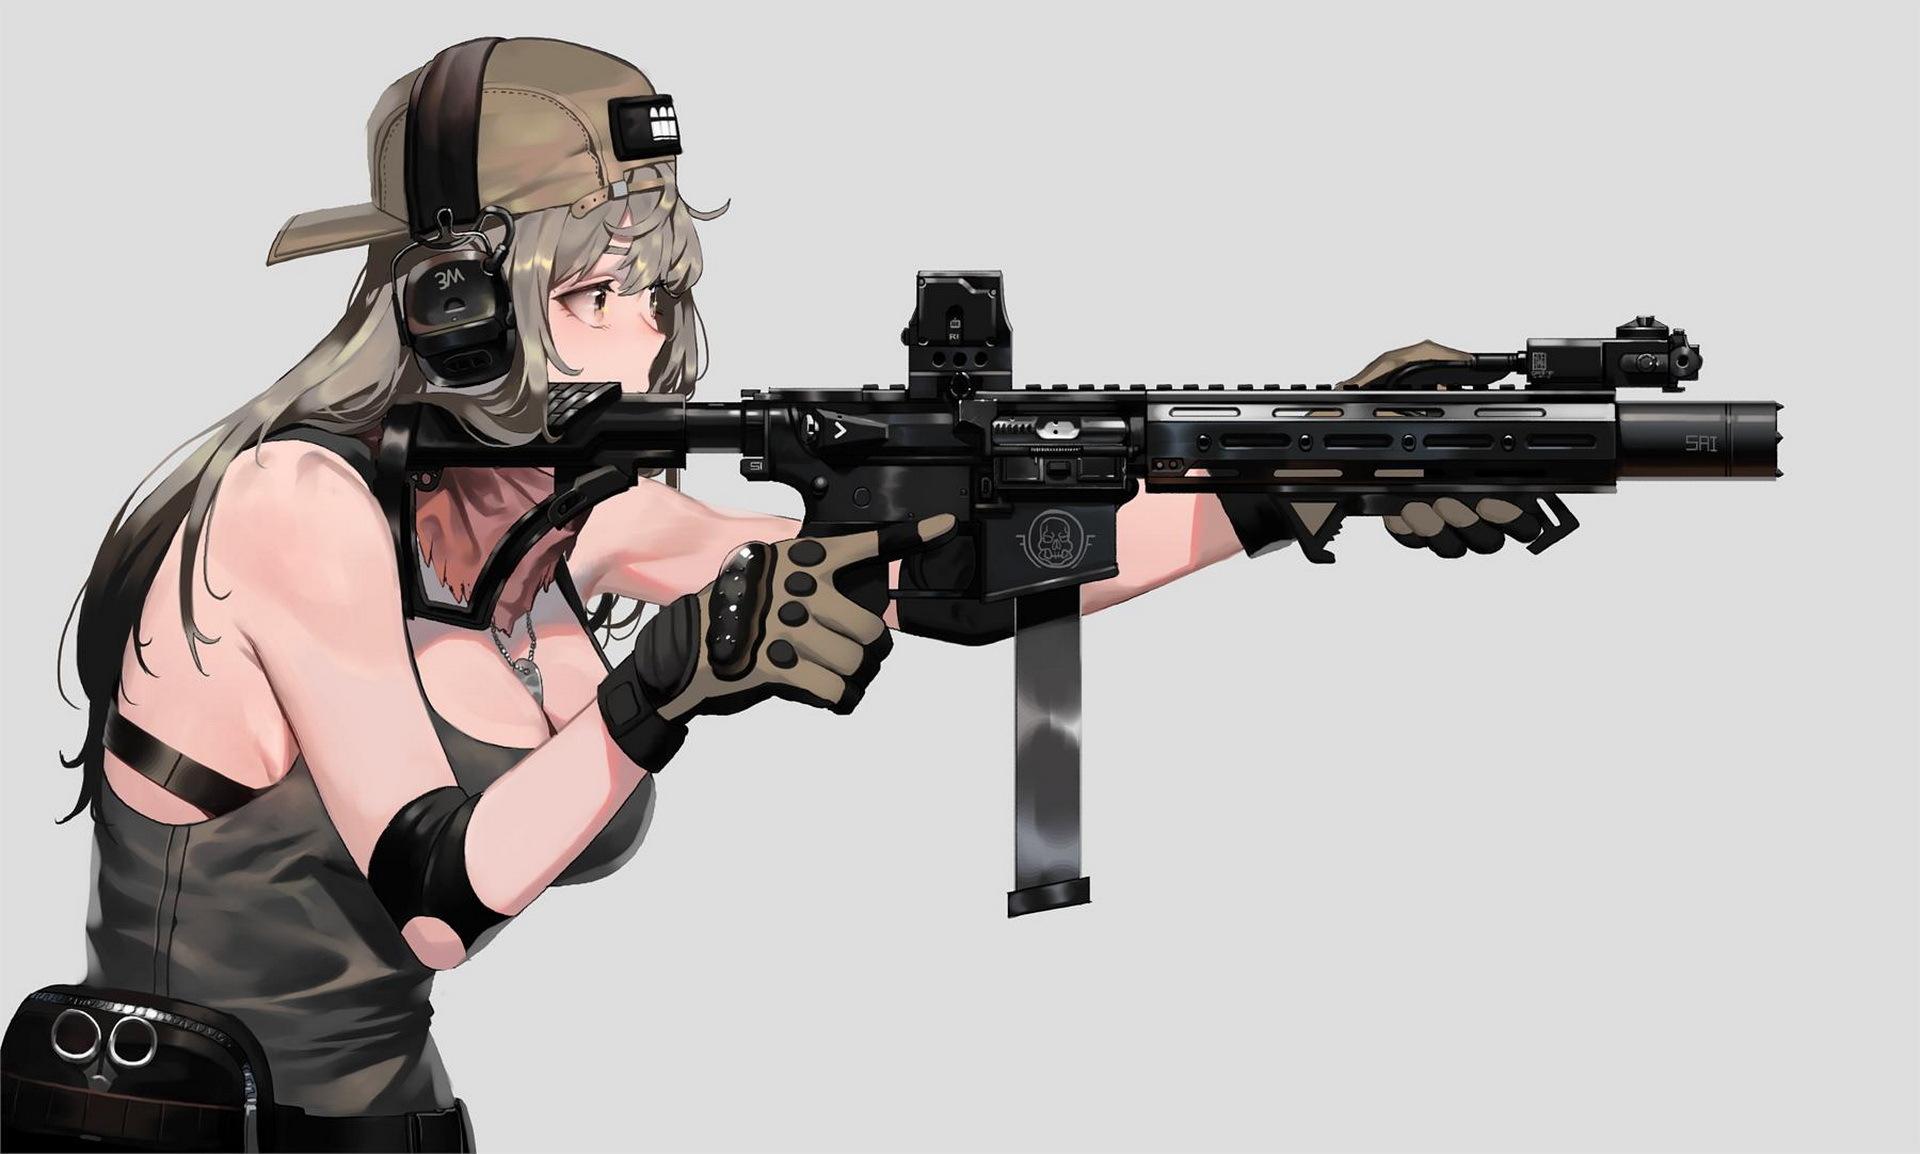 Картинка: Девушка, прицеливание, кепка, наушники, оружие, автомат